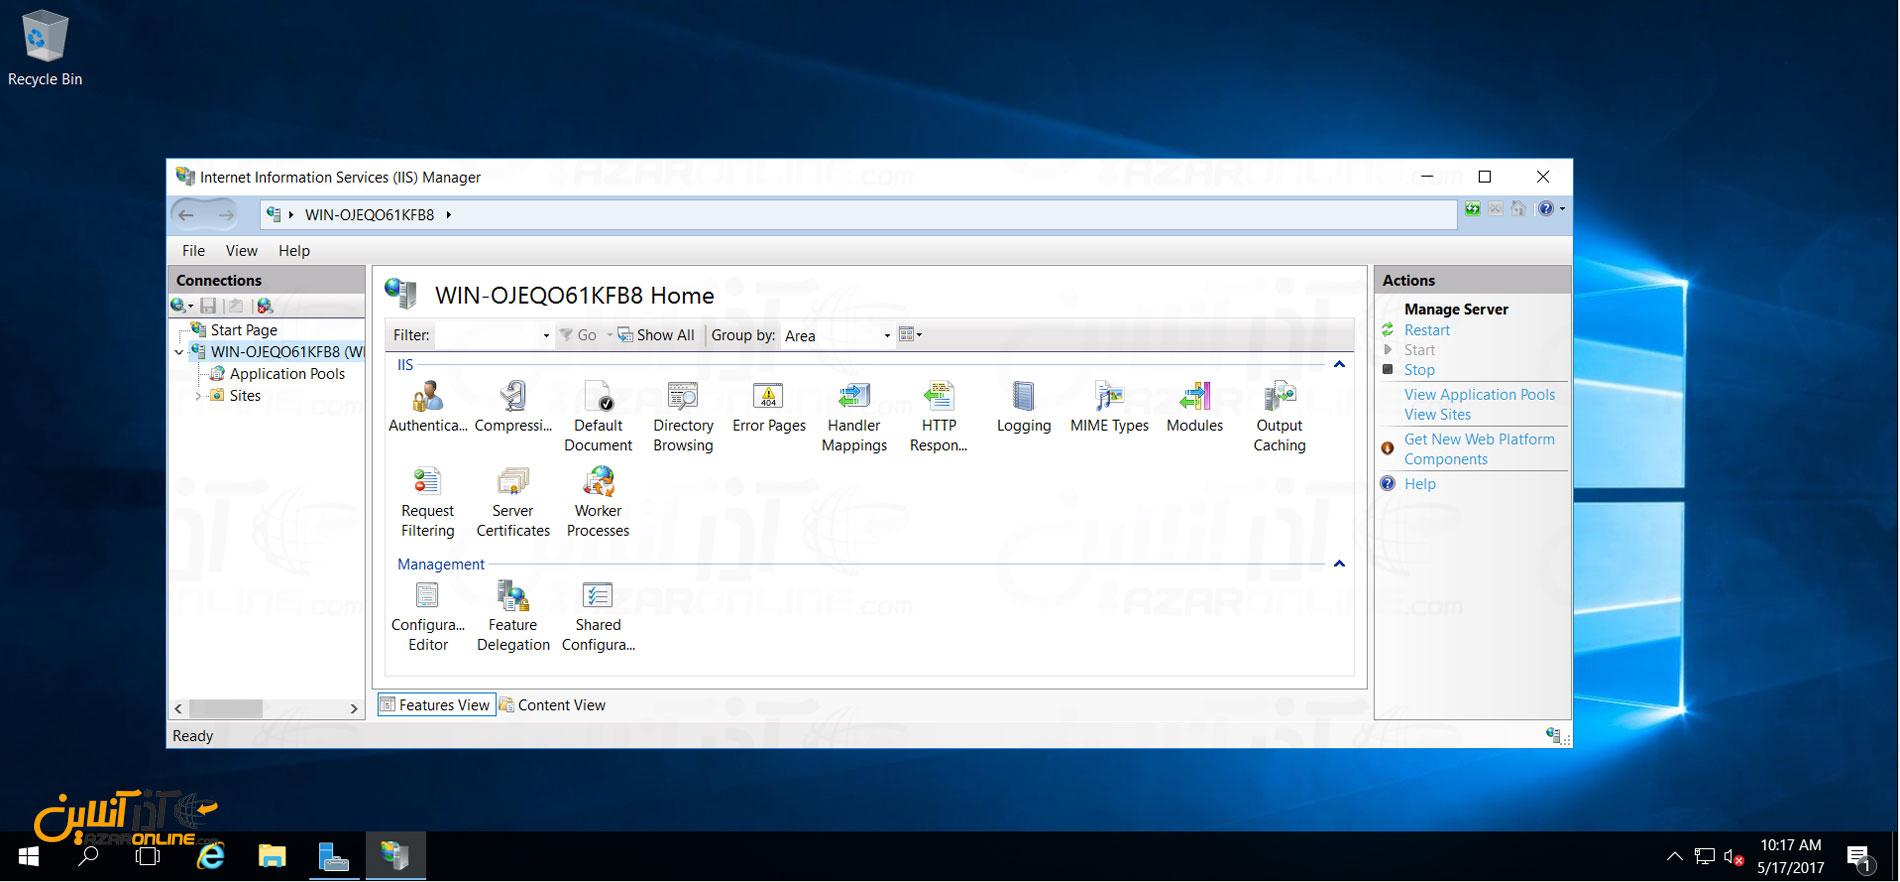 نصب IIS در ویندوز سرور 2016 - باز شدن صفحه مدیریت IIS